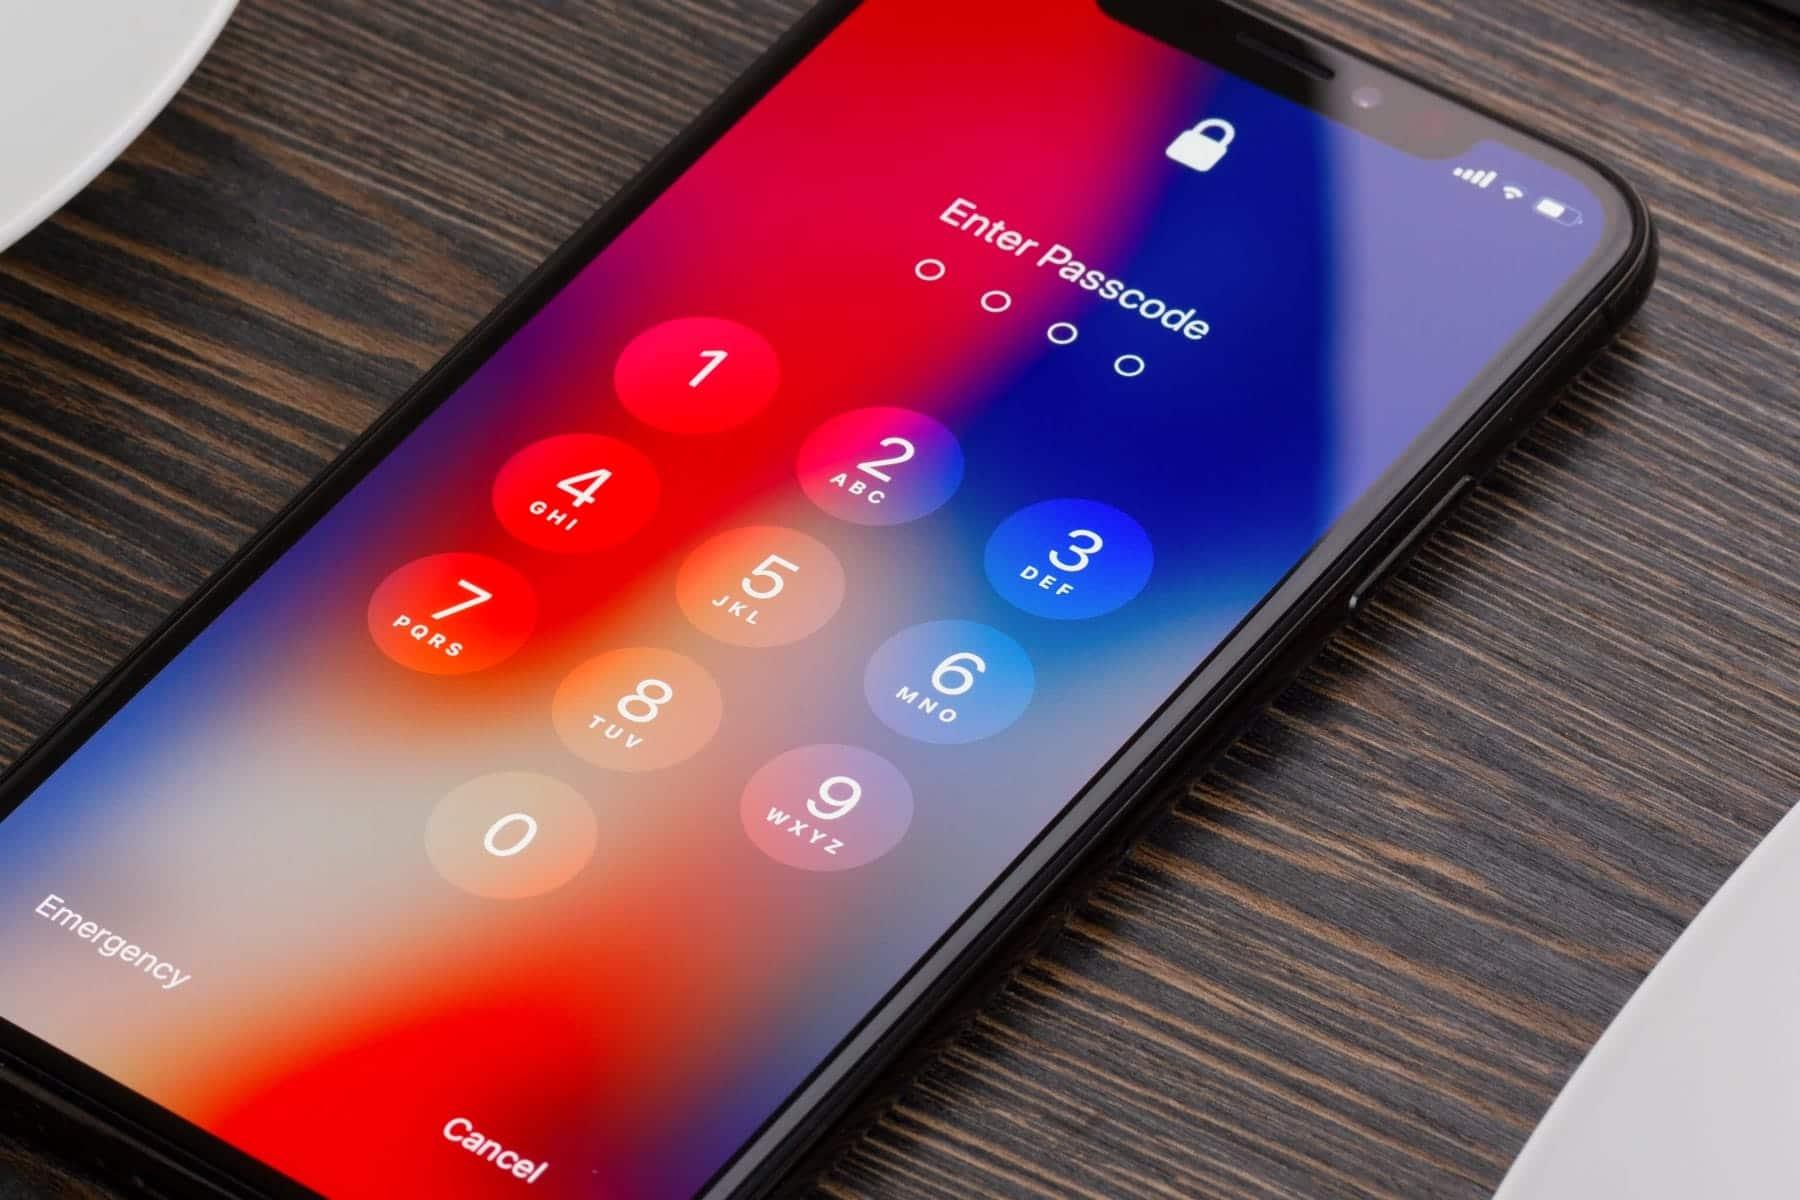 iPhone bloqueado por senha